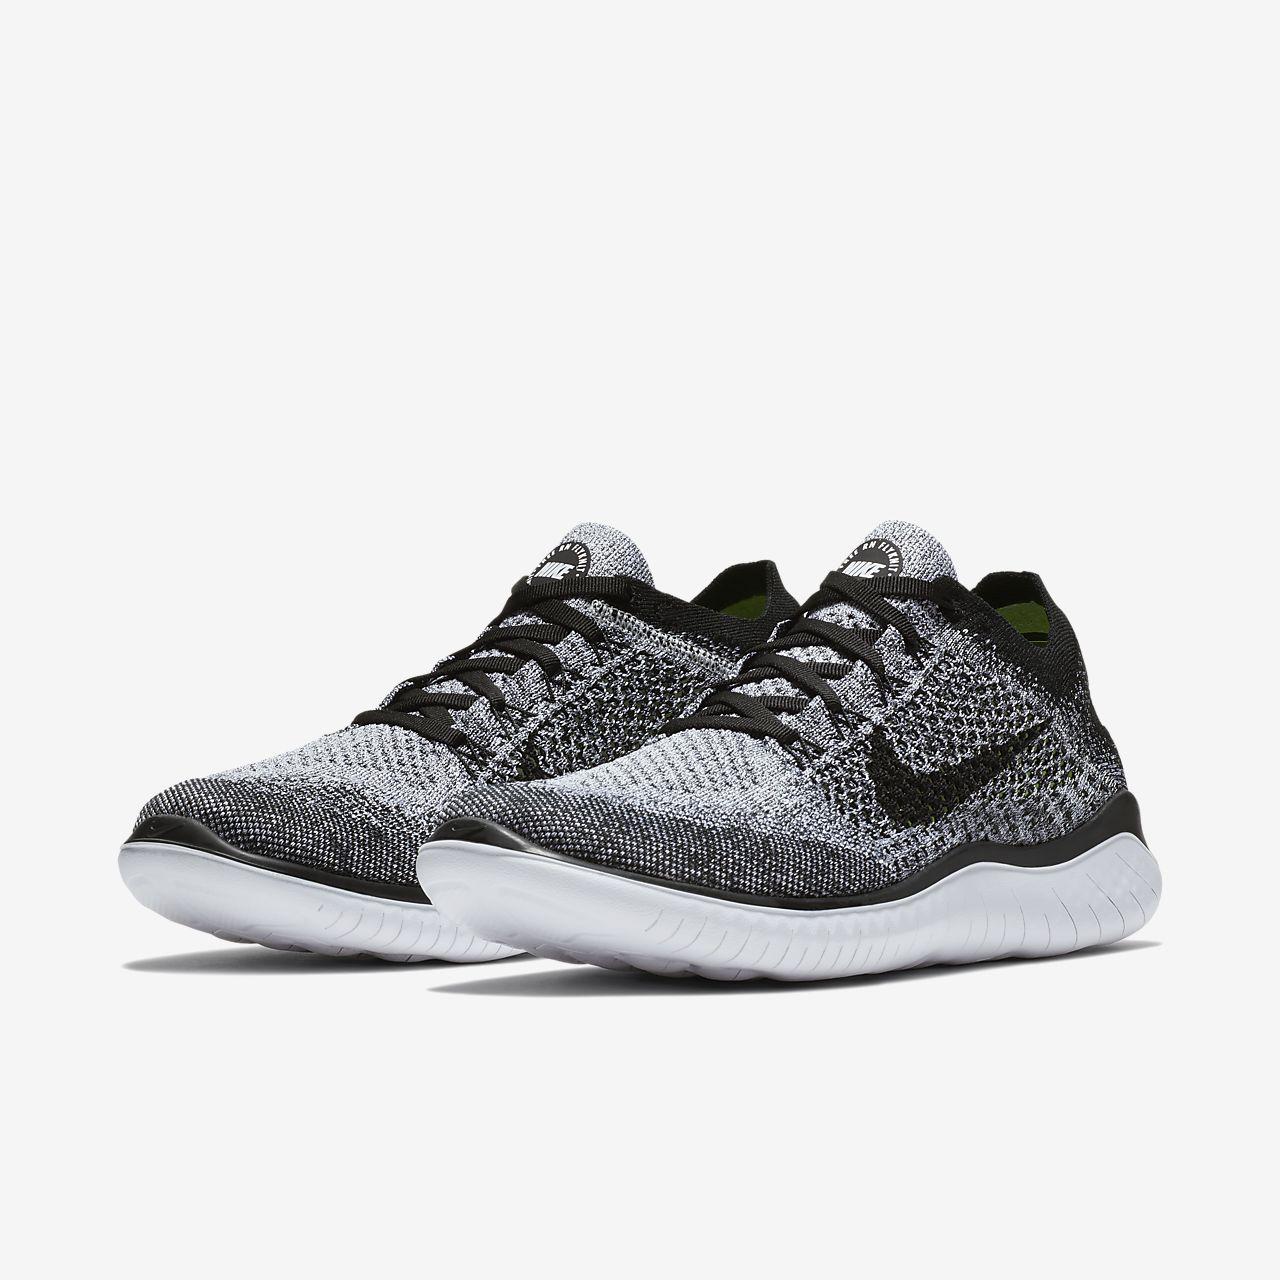 ... Nike Free RN Flyknit 2018 Men's Running Shoe